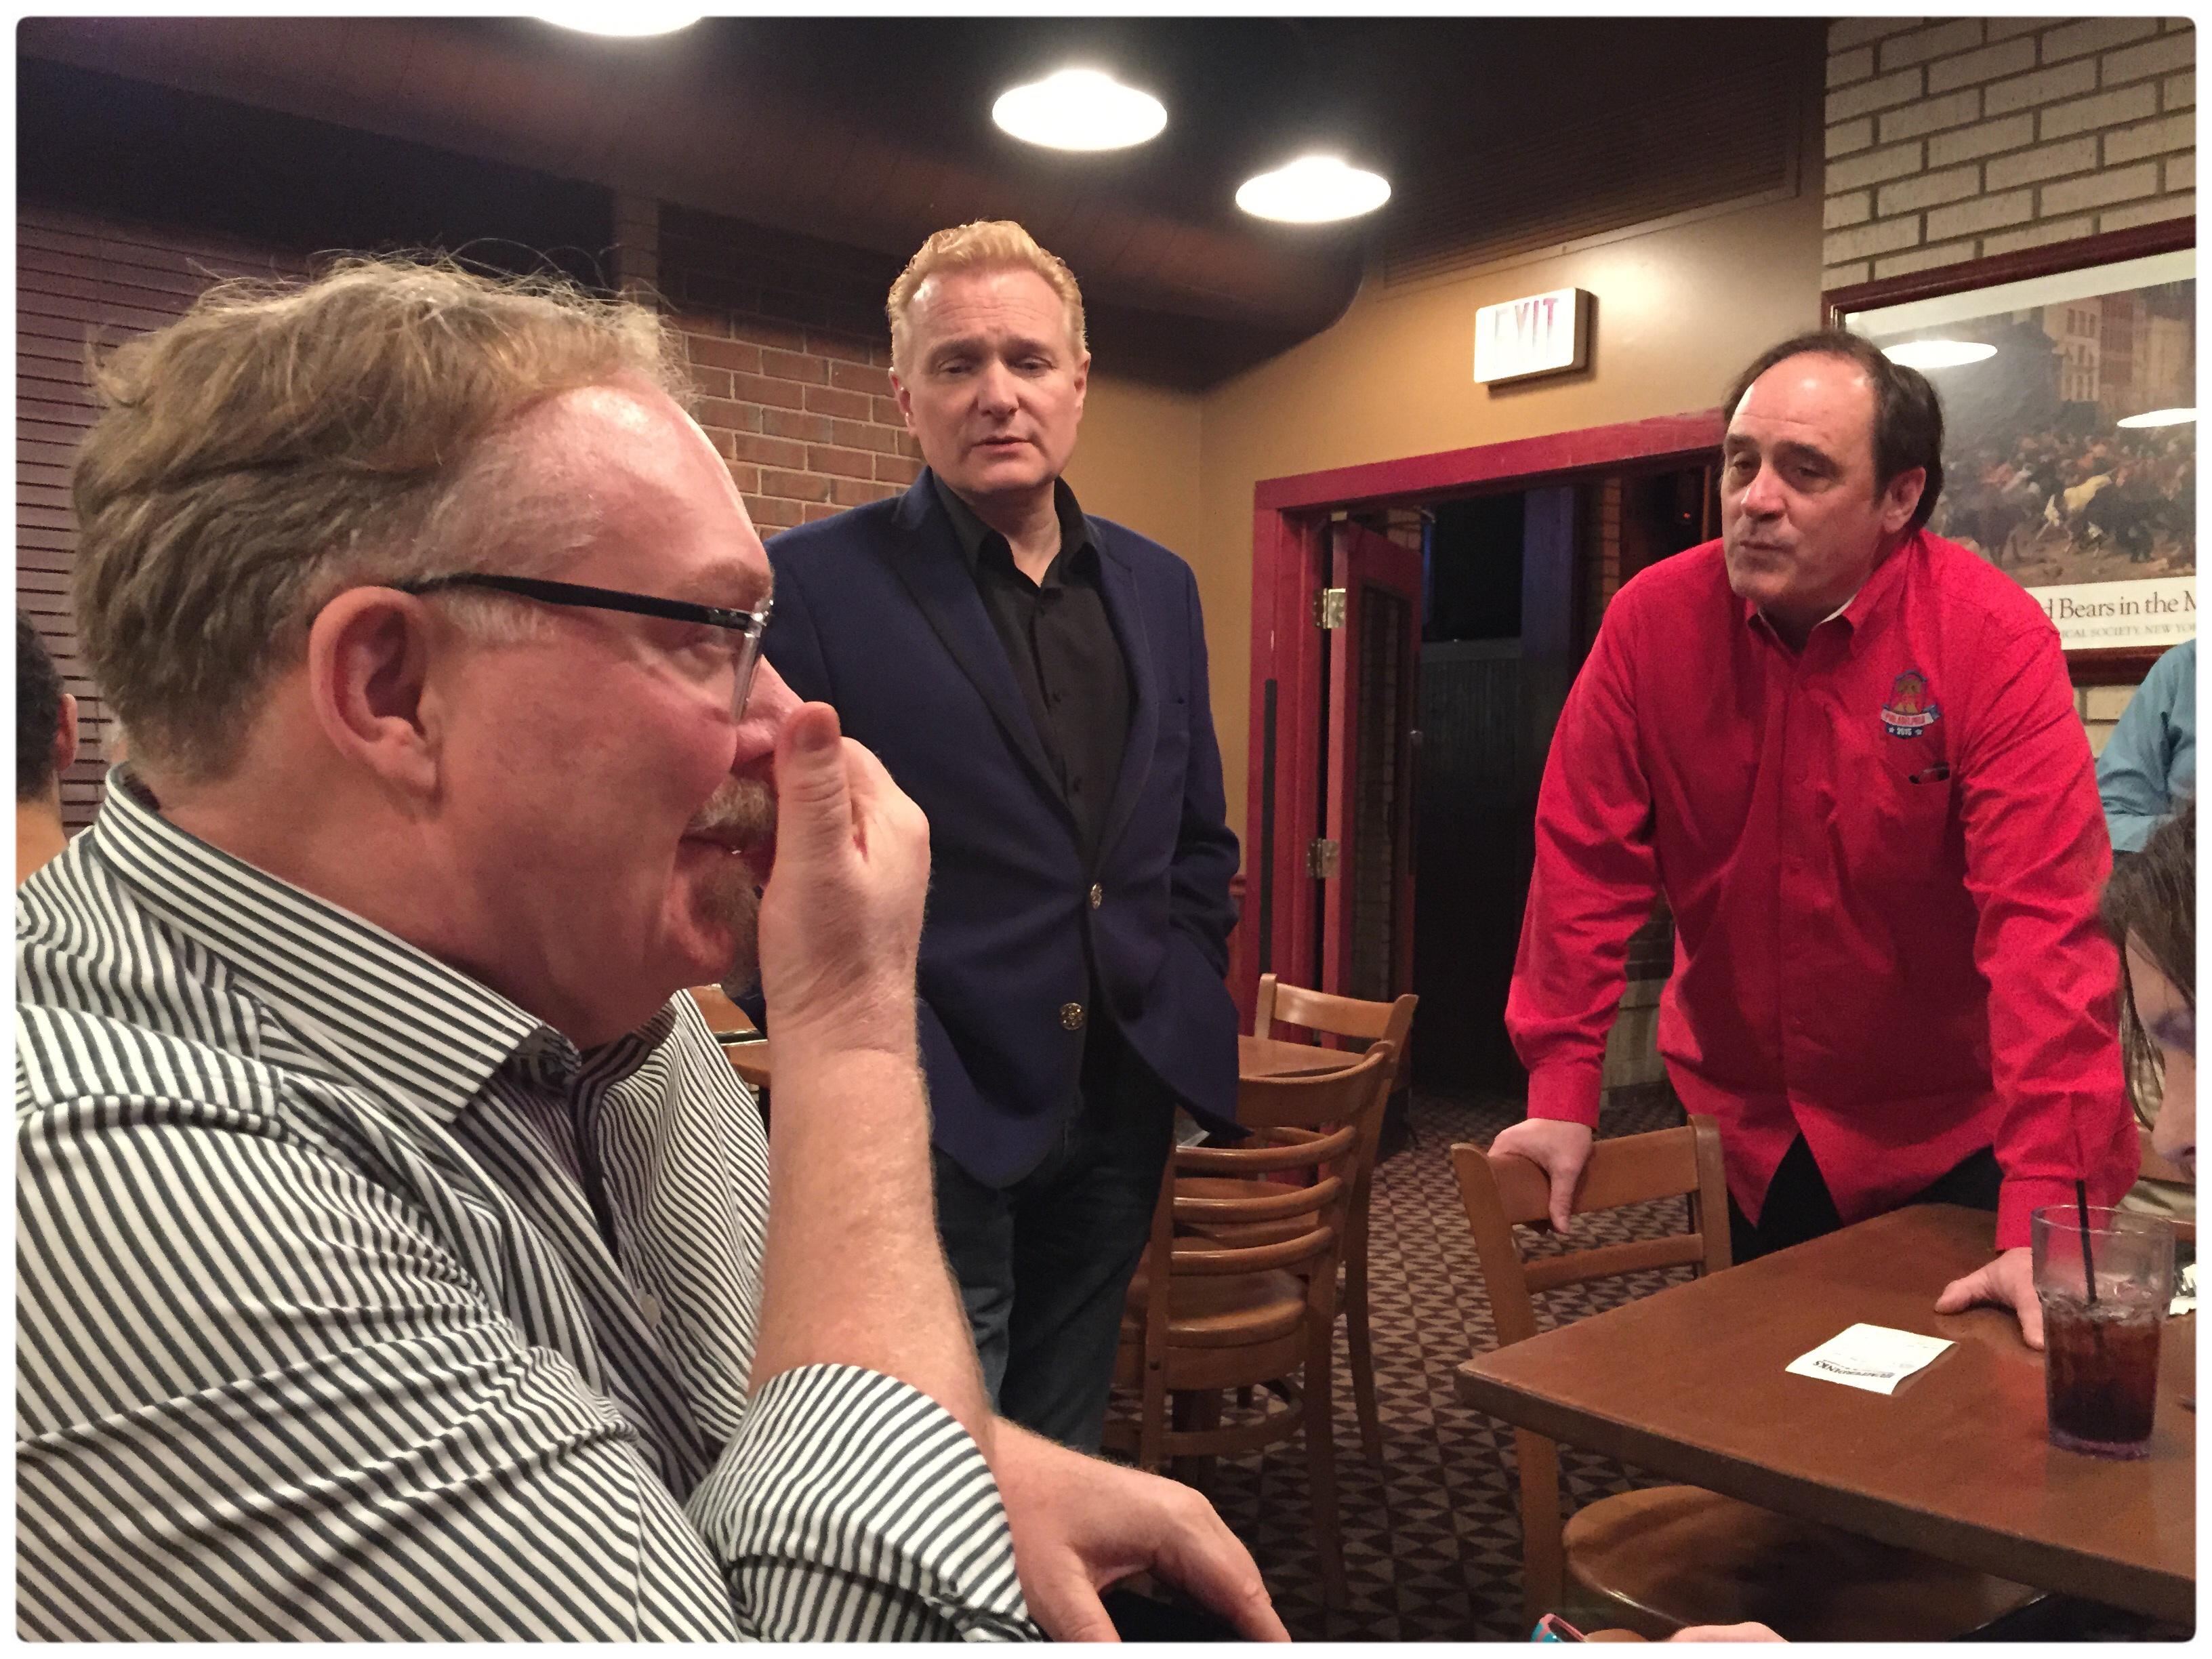 Dal & Kevin James, Jeff Hobson